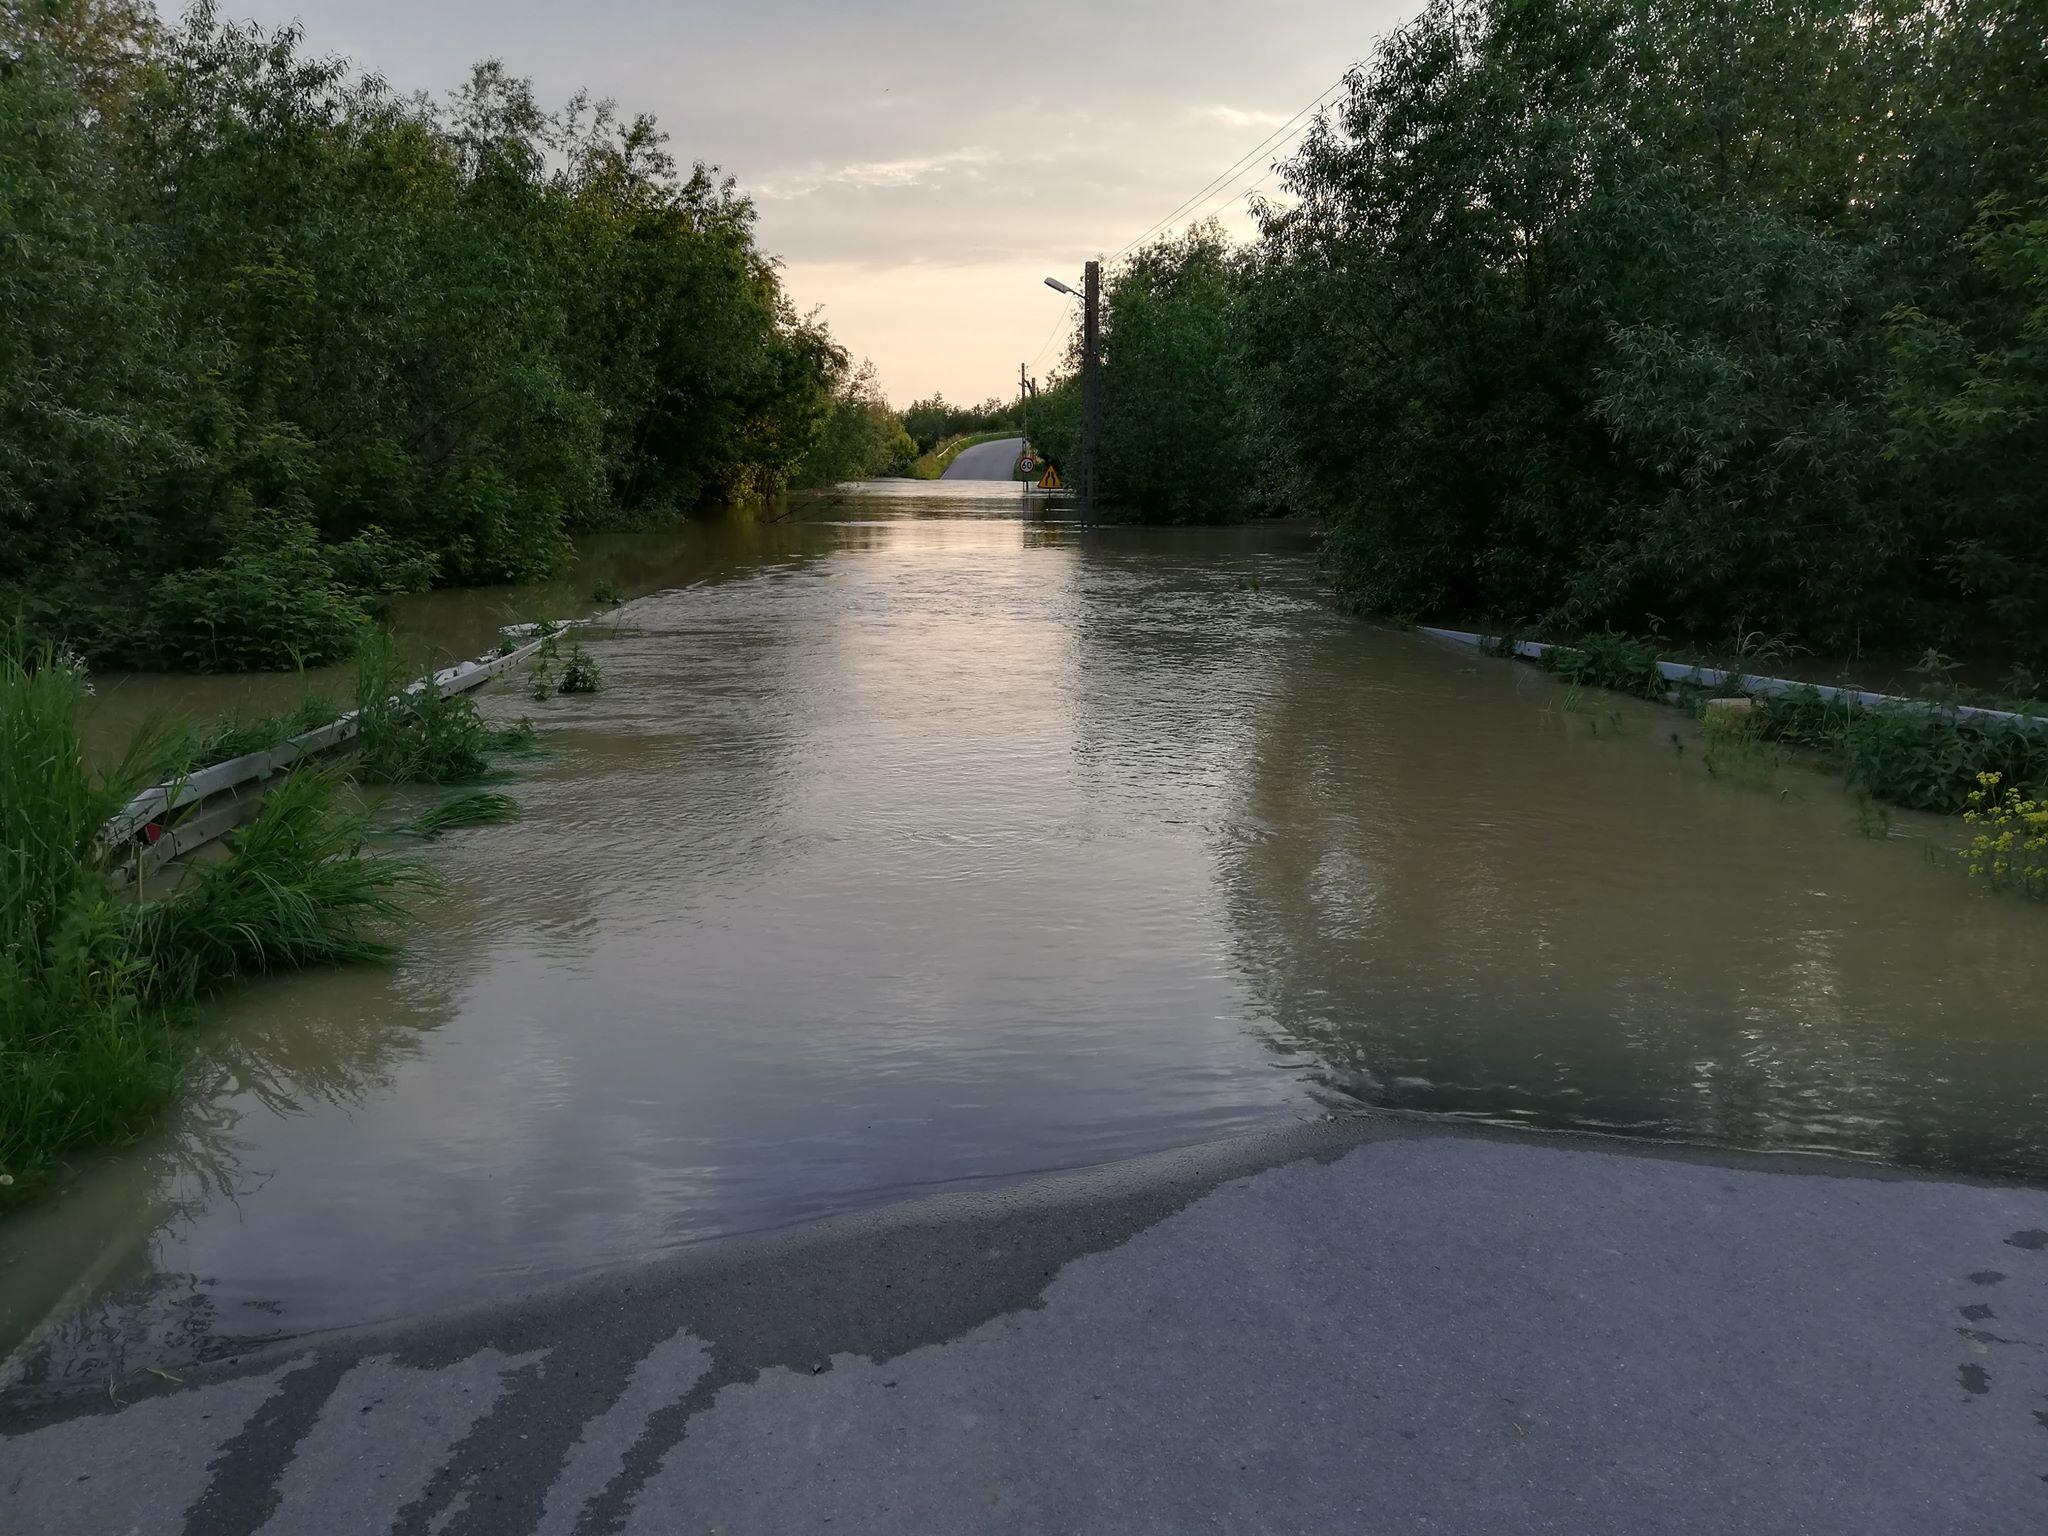 Raport akcji powodziowej: Na południu Podkarpacia sytuacja już ustabilizowana - Zdjęcie główne